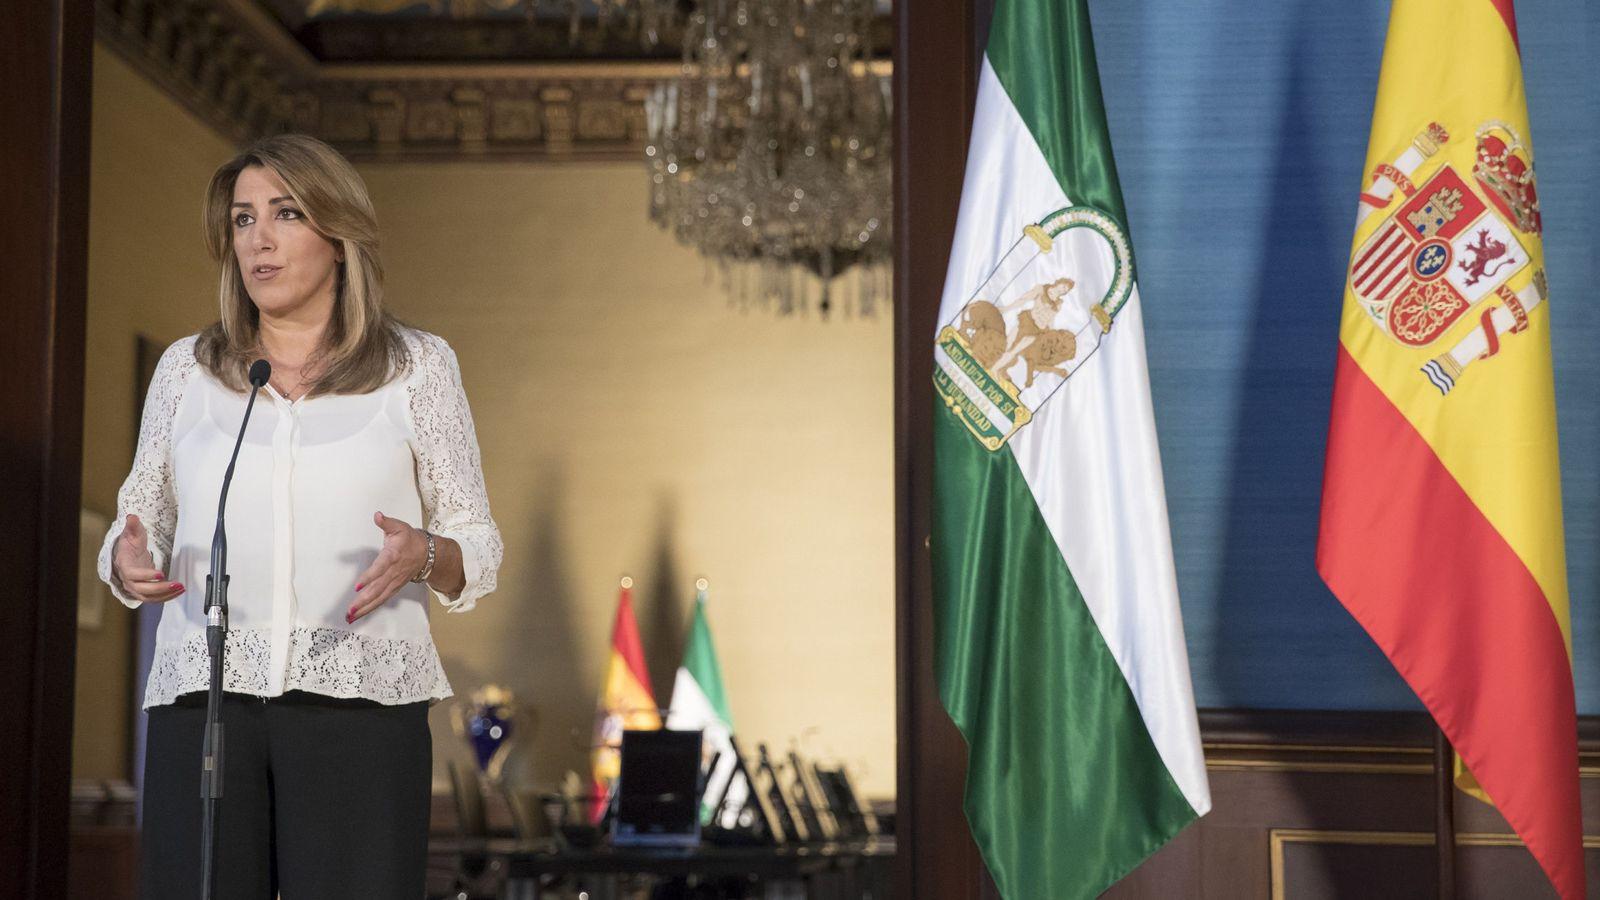 Foto: La presidenta andaluza, Susana Díaz, durante la declaración institucional hoy en el Palacio de San Telmo en Sevilla. (EFE)